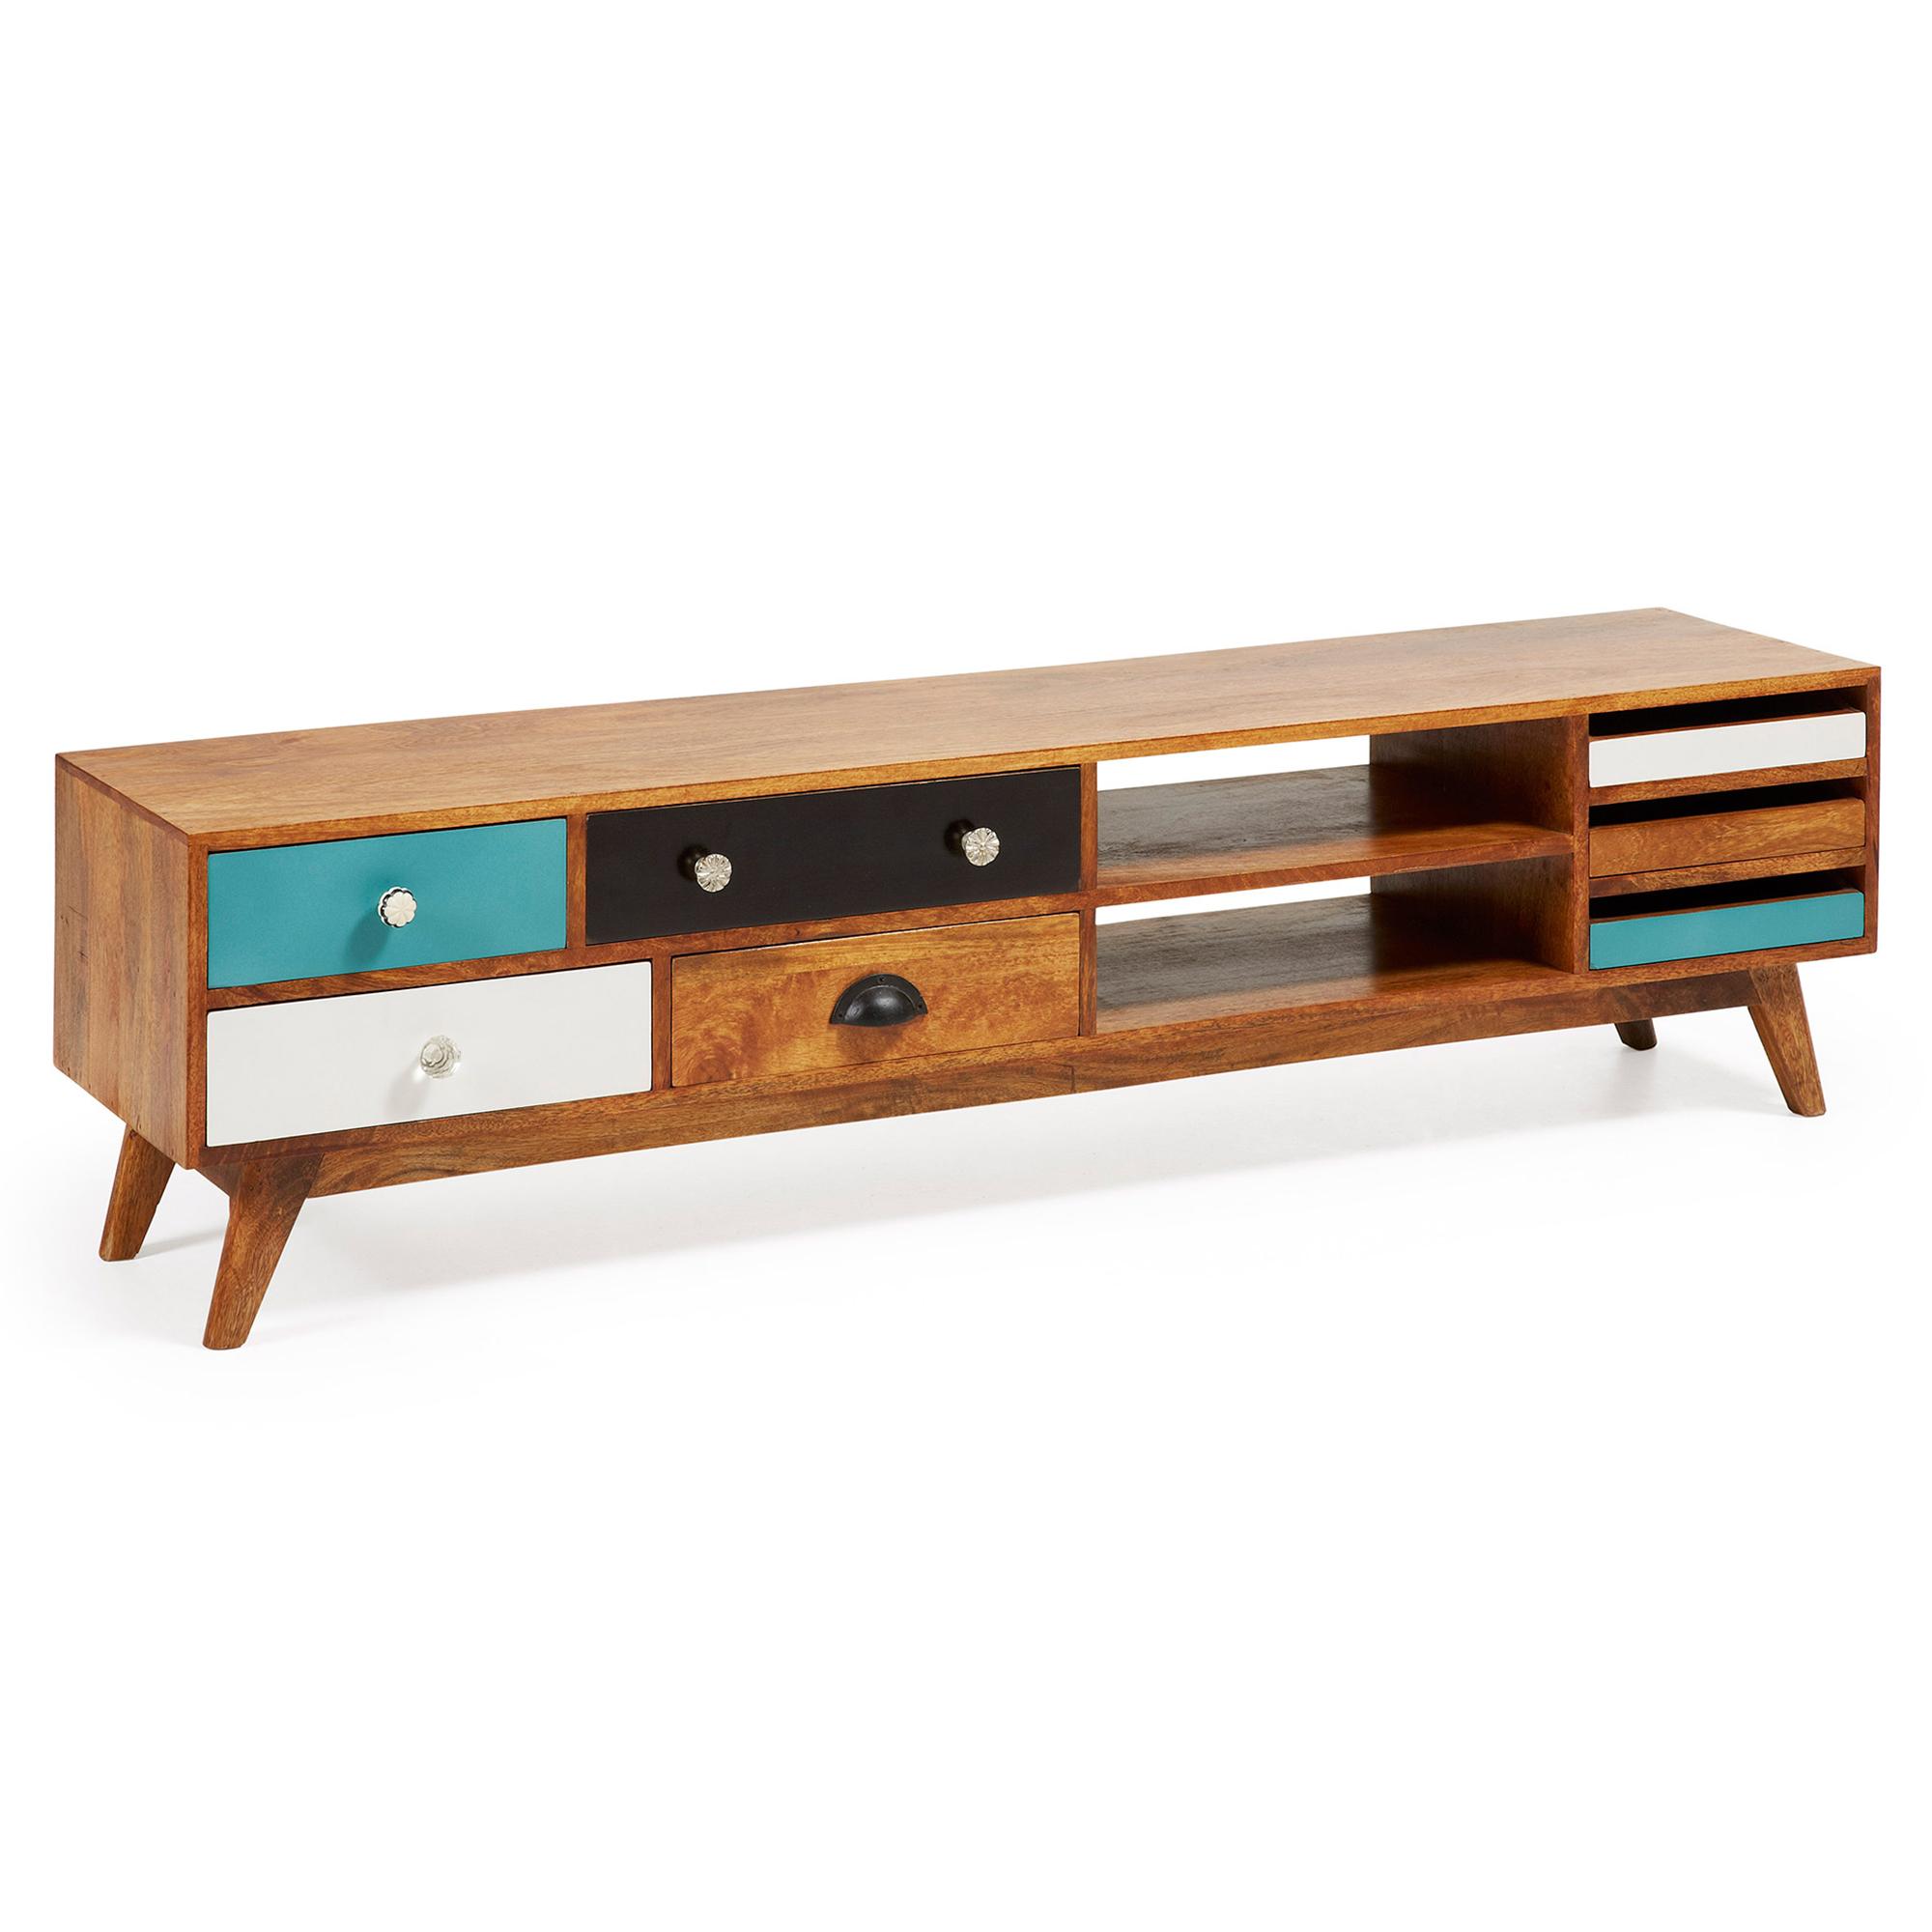 Kave Home Tv-meubel 'Conrad', met 7 laden vergelijken Kave Home